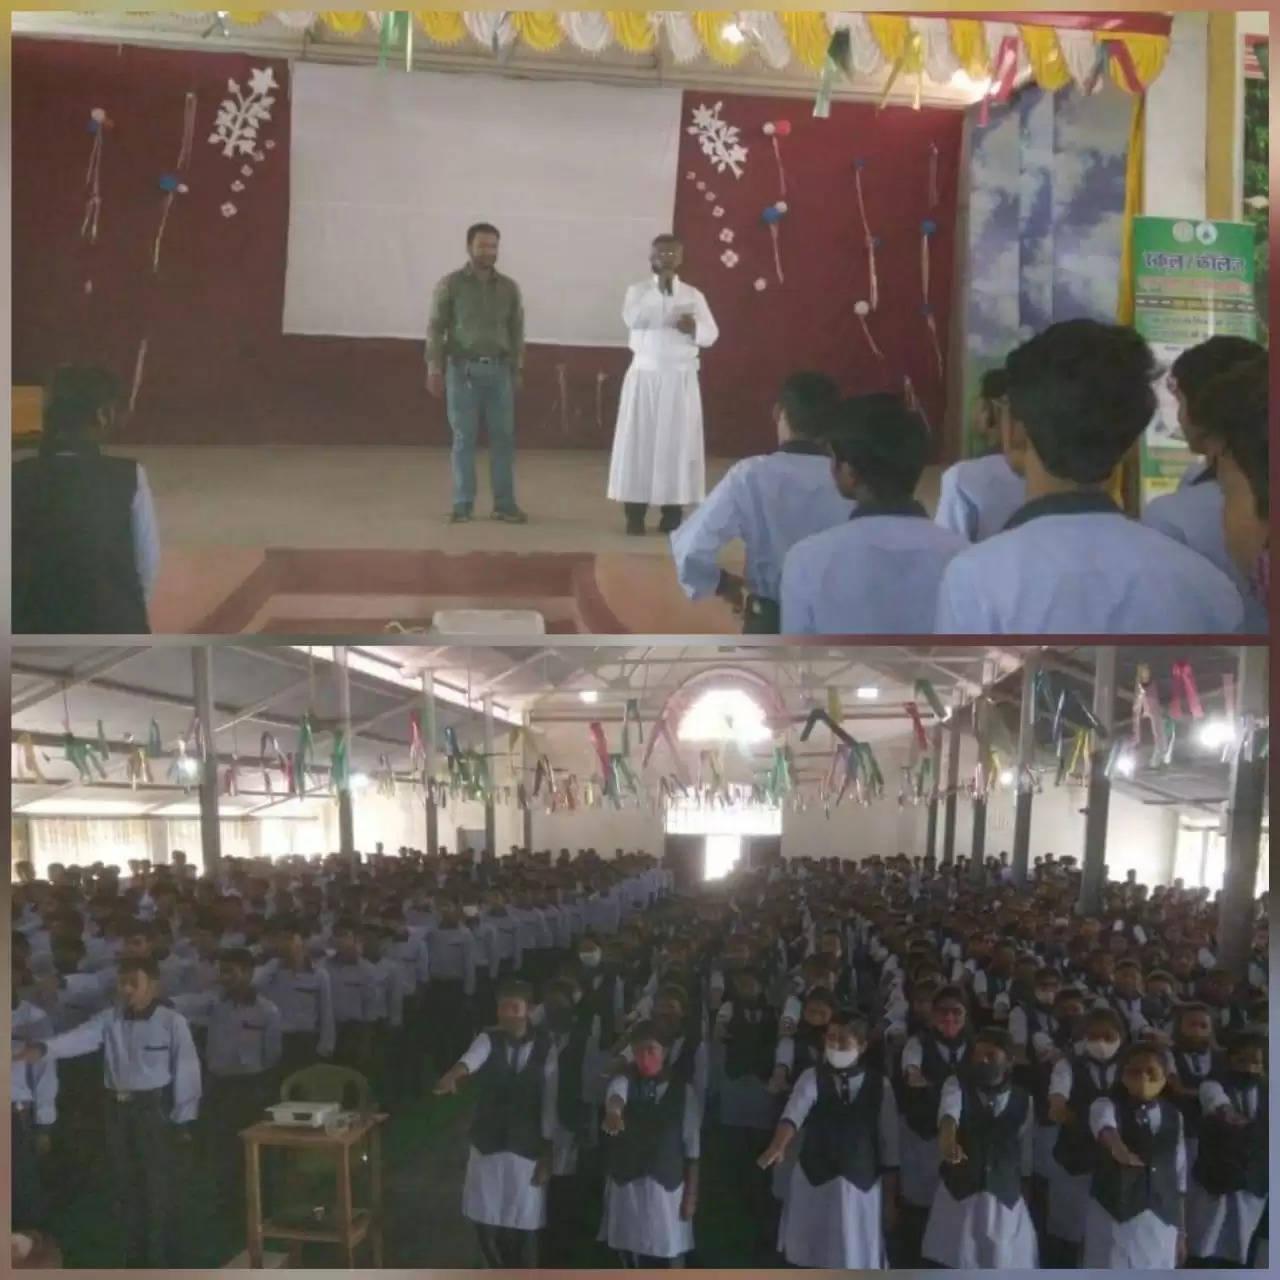 सड़क सुरक्षा के द्वारा संत इग्नासियुस इंटर स्कूल सिसई रोड गुमला में चलाया गया जागरूकता अभियान